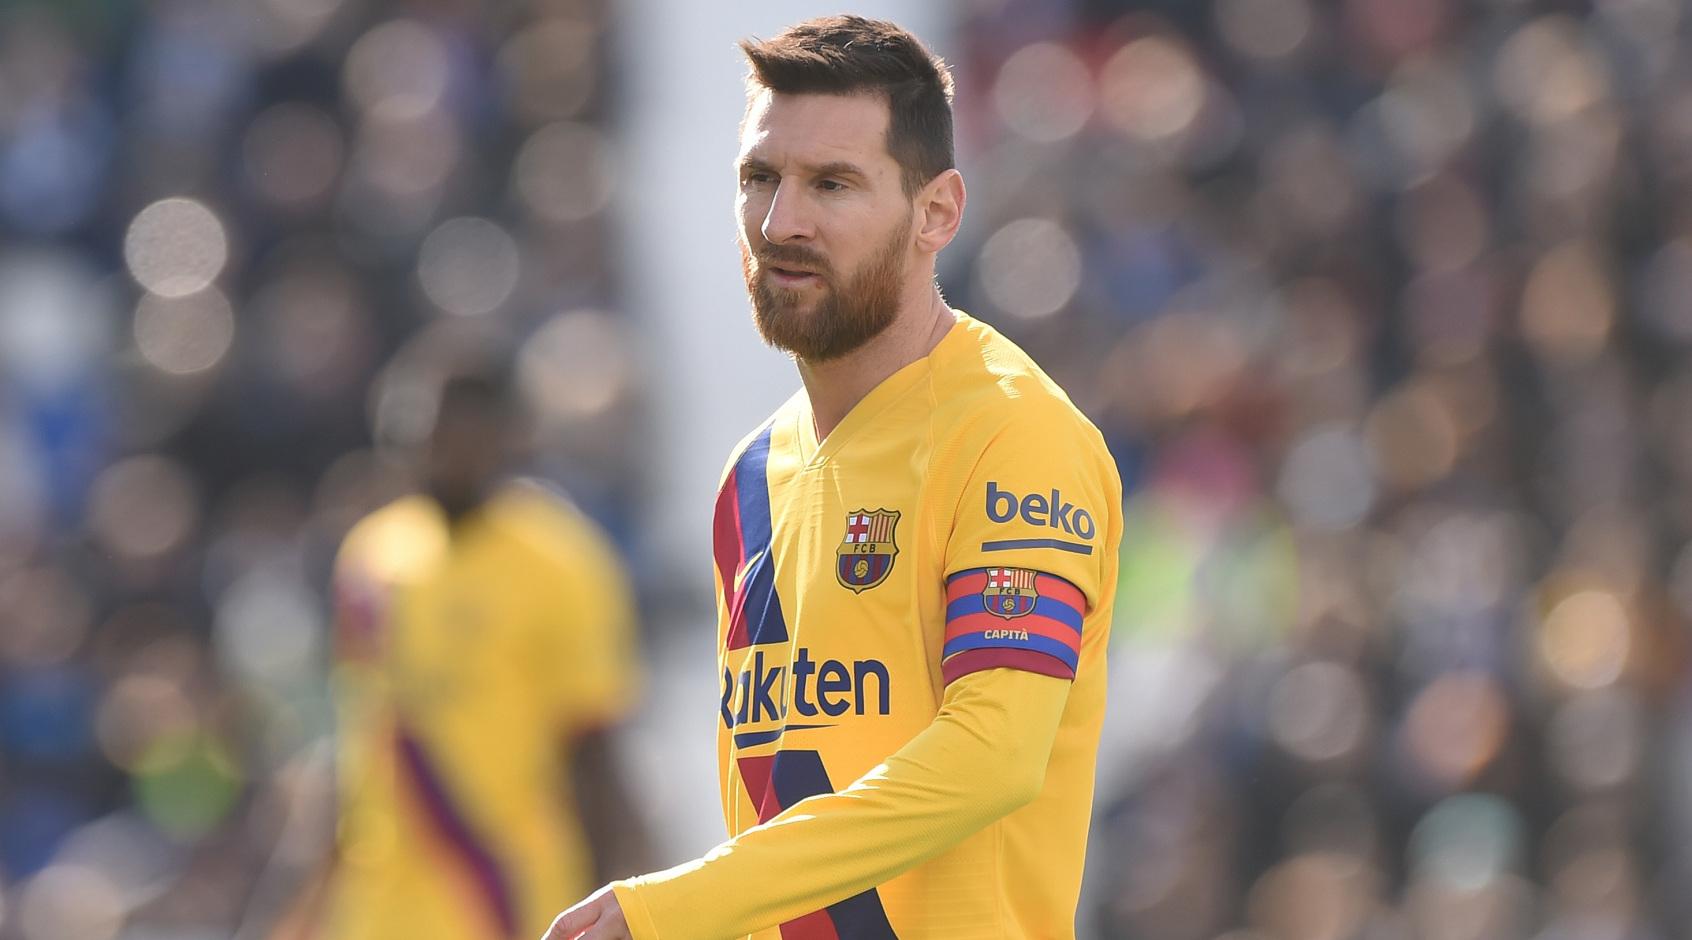 """Месси угрожает разрывом контракта с """"Барселоной"""", если клуб не вернет Неймара"""